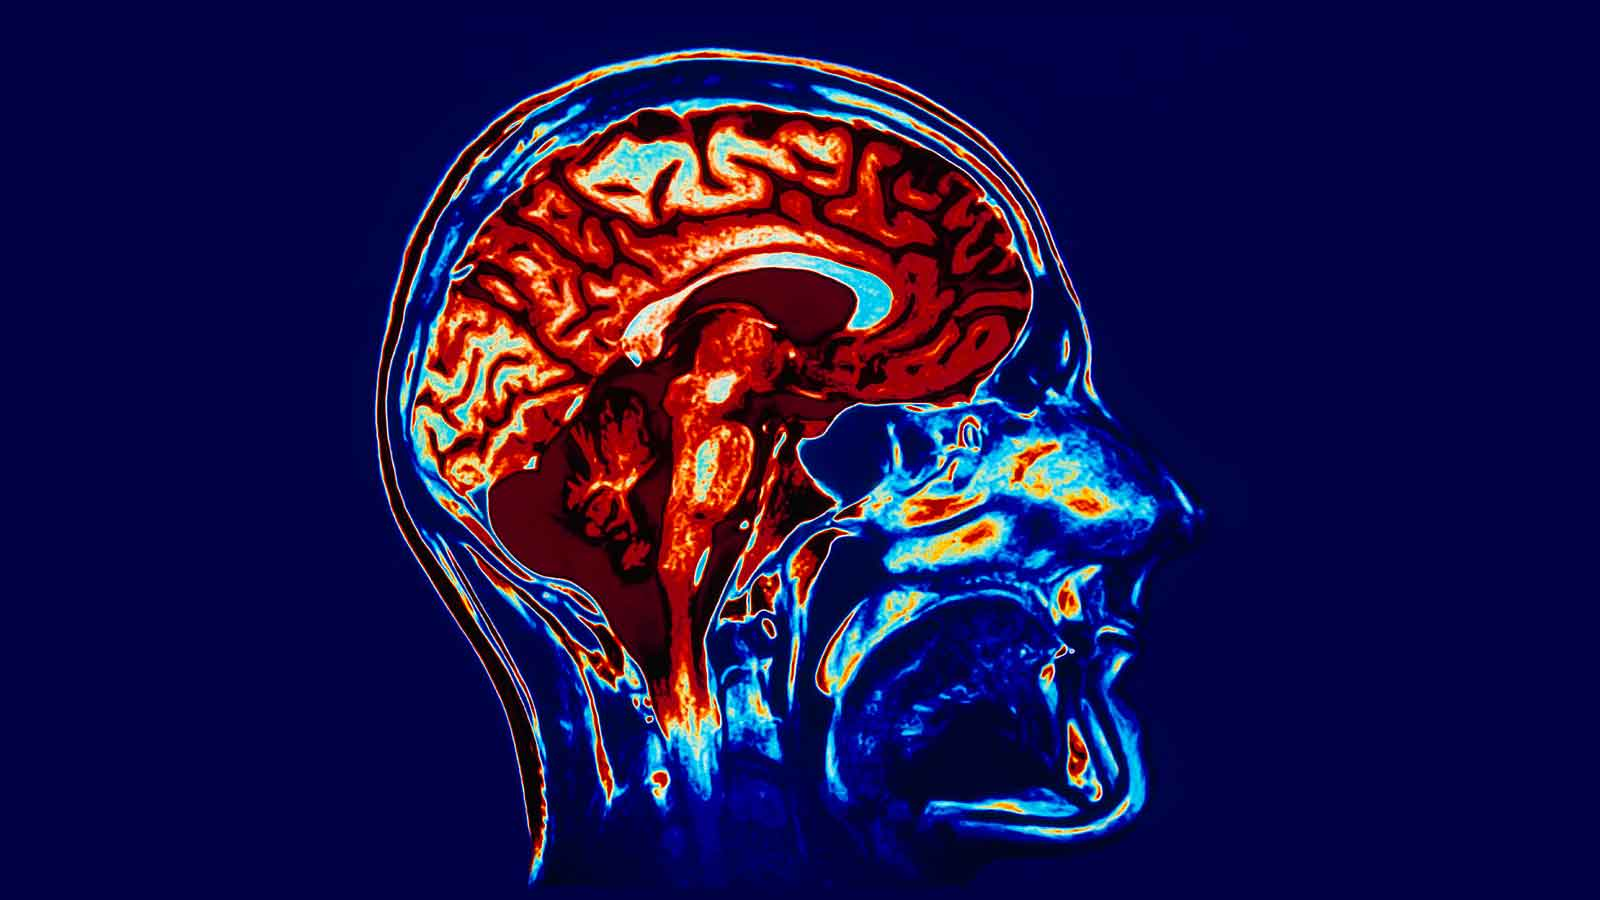 Εντοπίστηκε περιοχή στον εγκέφαλο που επηρεάζει την όρεξη